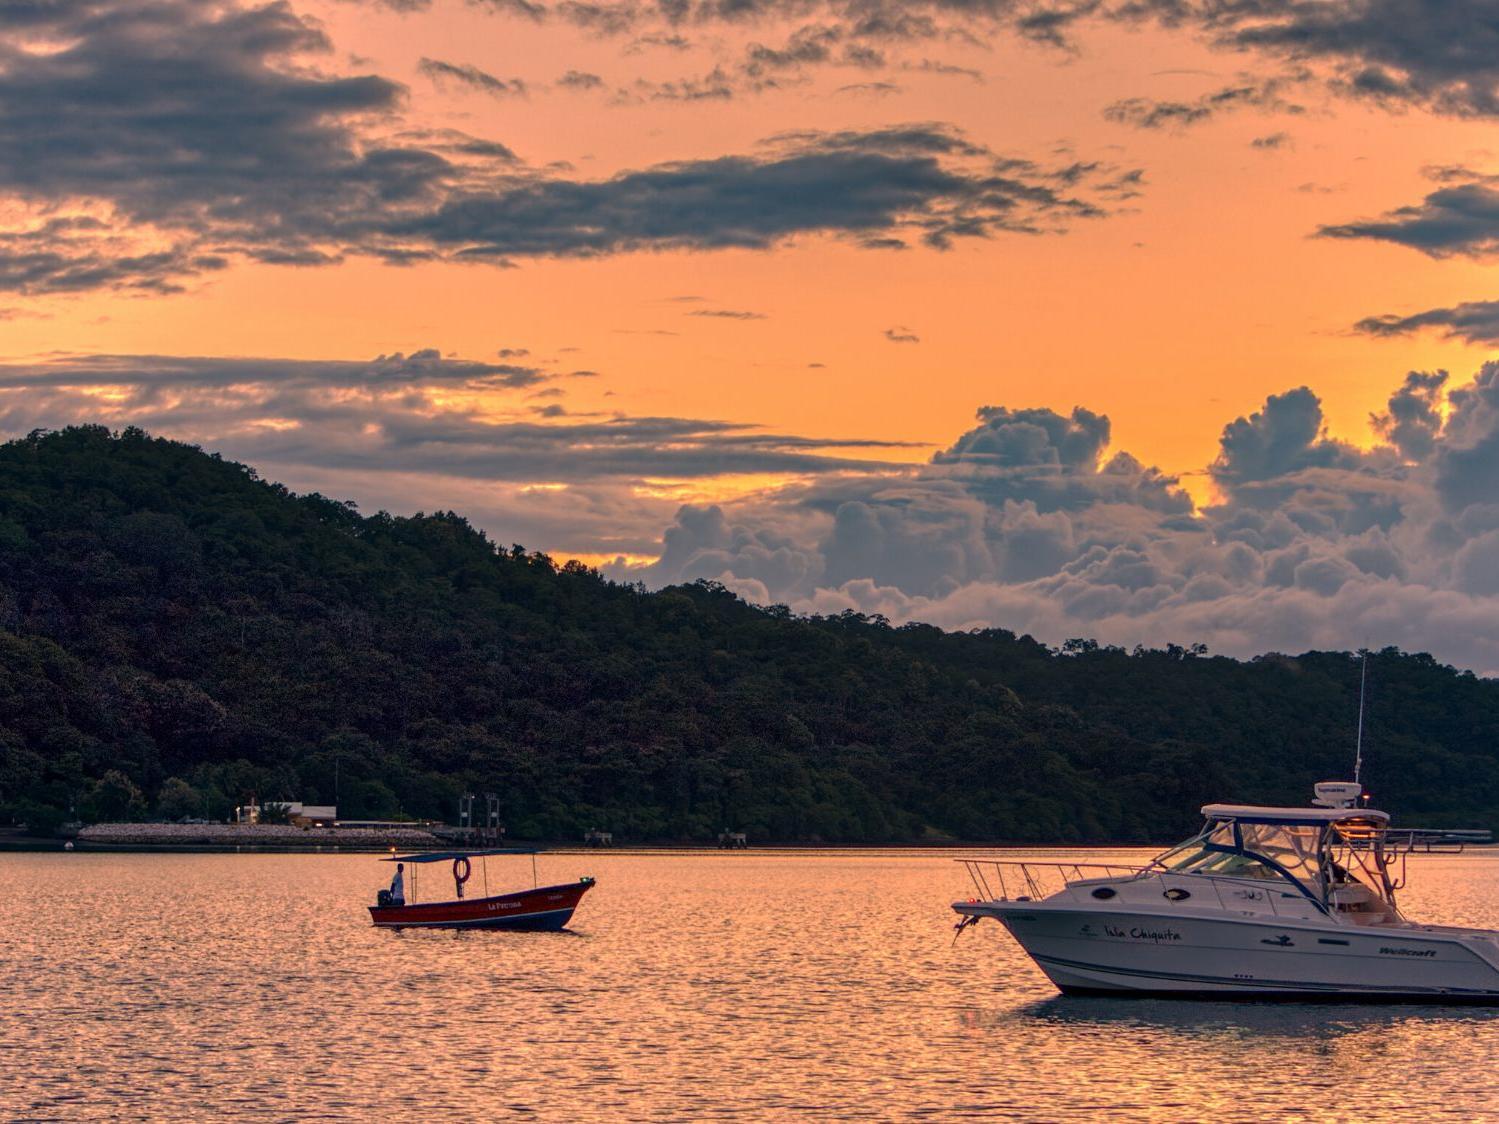 Sunset Cruise Setting